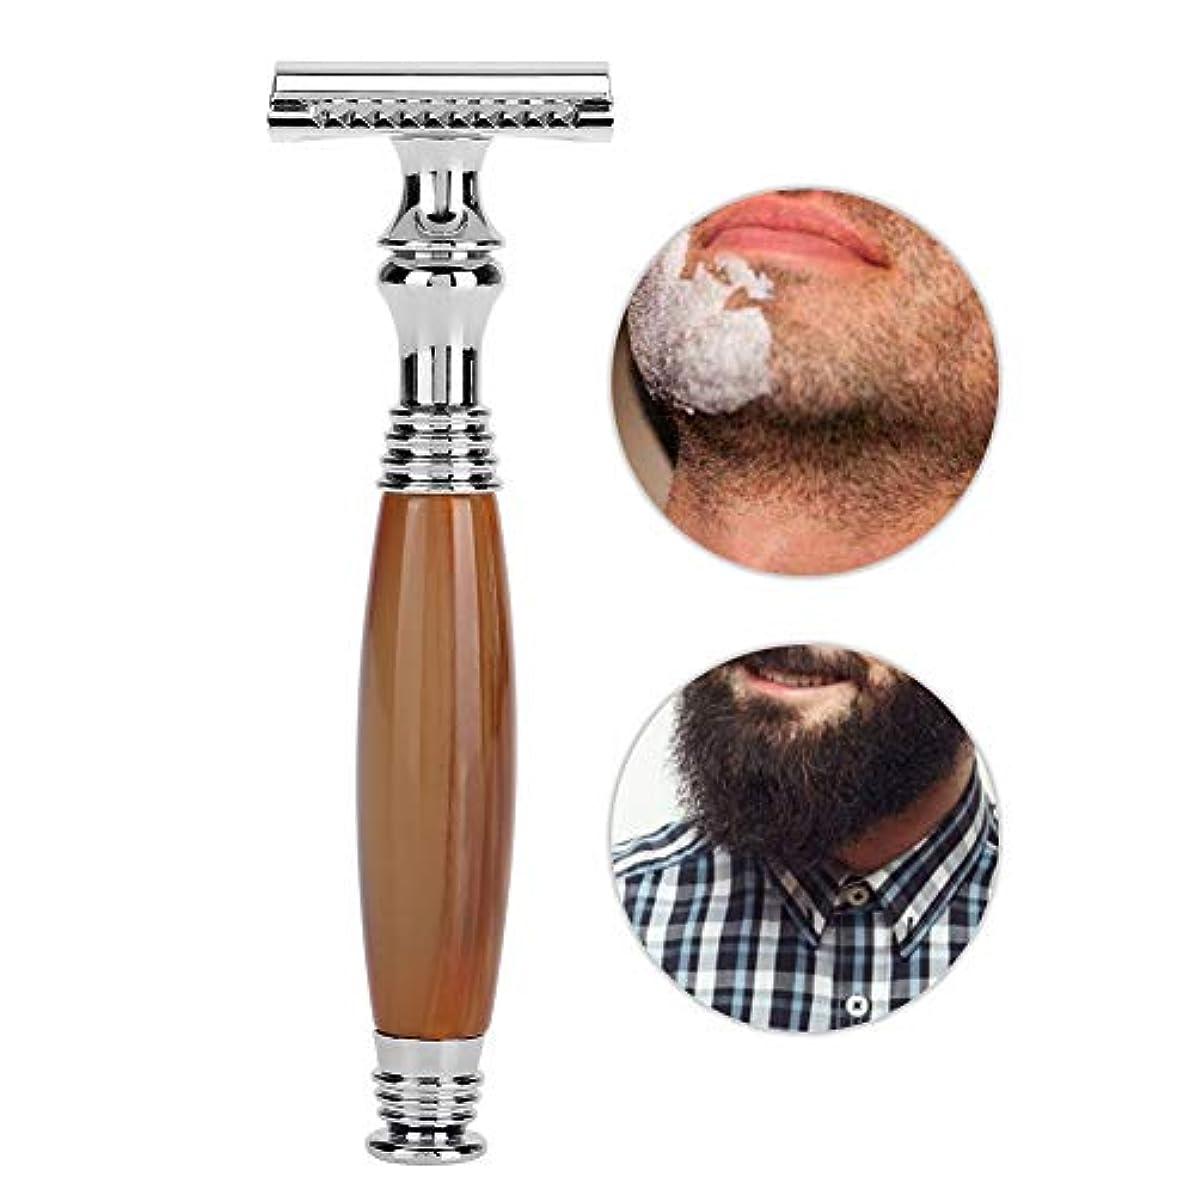 姿勢リーガン電球手動メンズシェーバー、剃刀 メンズシェーバー 6種類の古典的な様式の木のハンドルの二重刃の手動かみそり安全 防水肌に優しく 使いやすい 快適な剃り (5#)